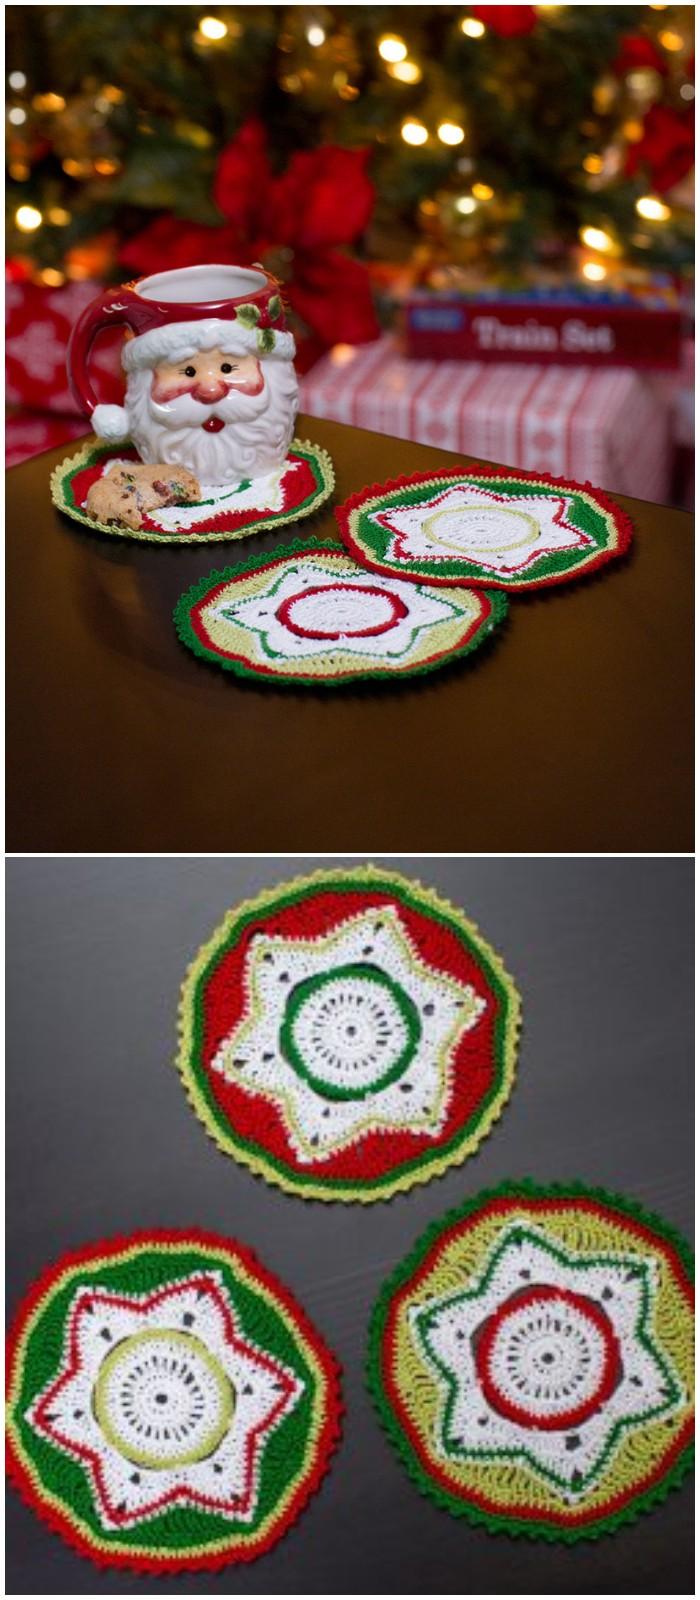 Party Doily Crochet Coasters